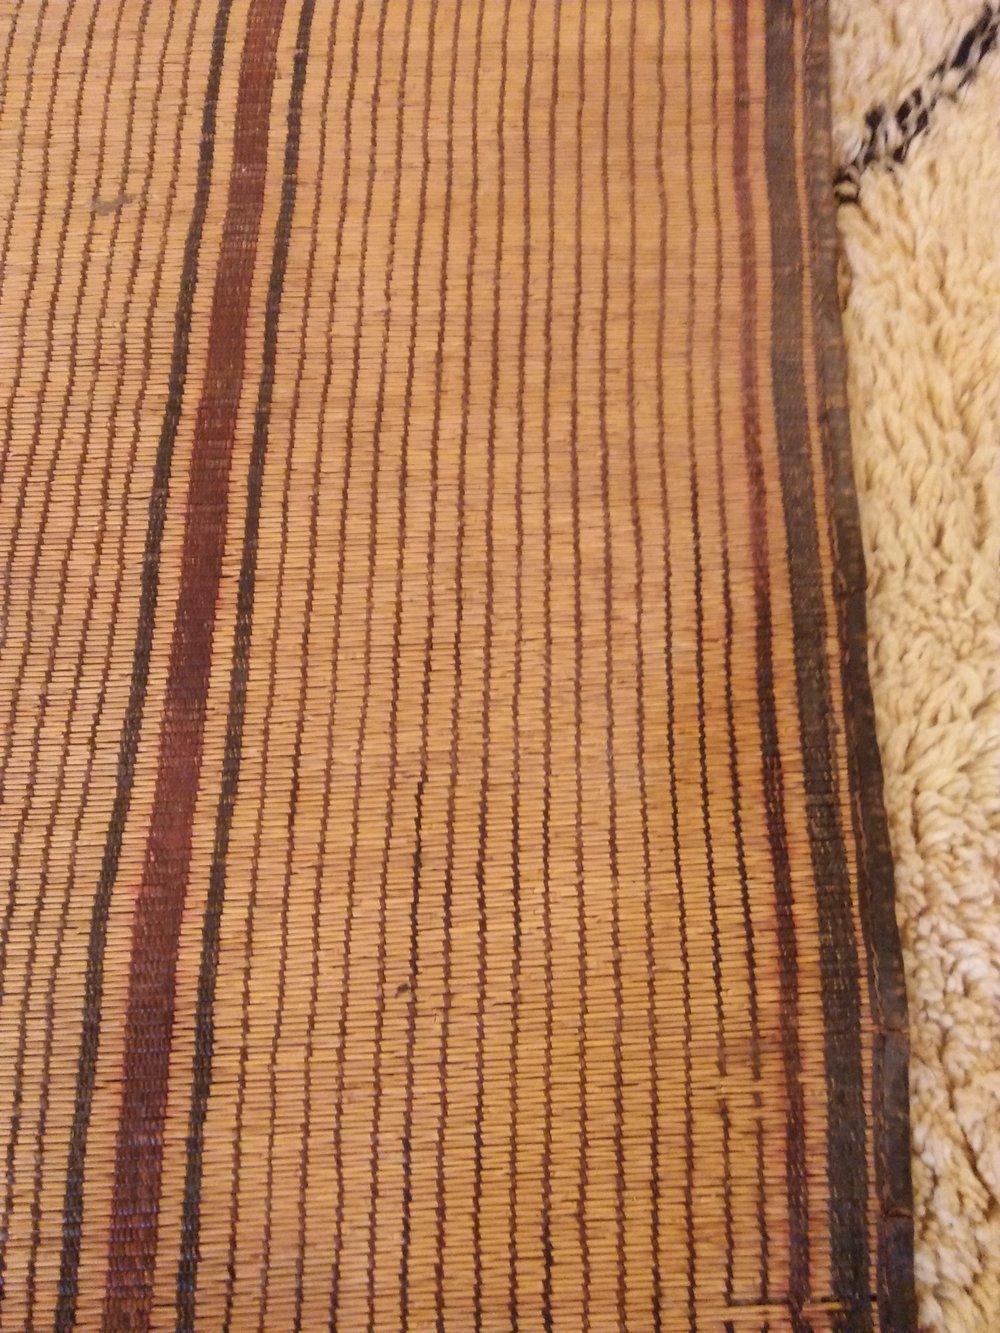 Mauritania tuareg mat-Moroccan-Berber-Carpets-detail.jpg